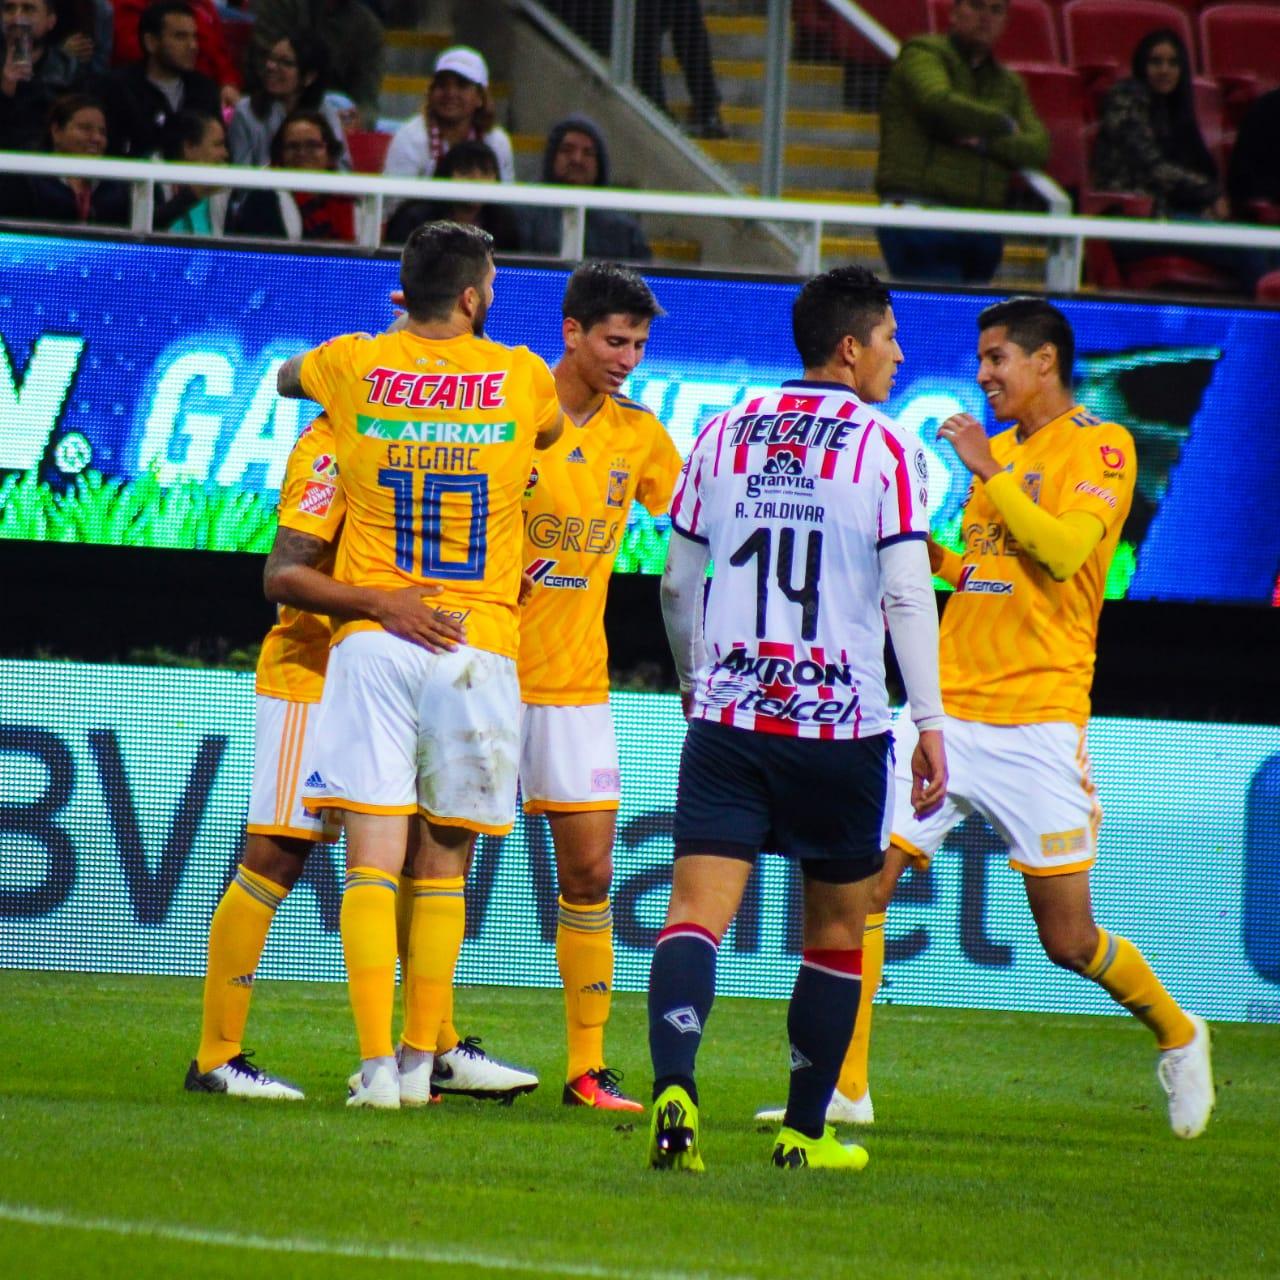 Cardozo compara a Tigres con Kashima